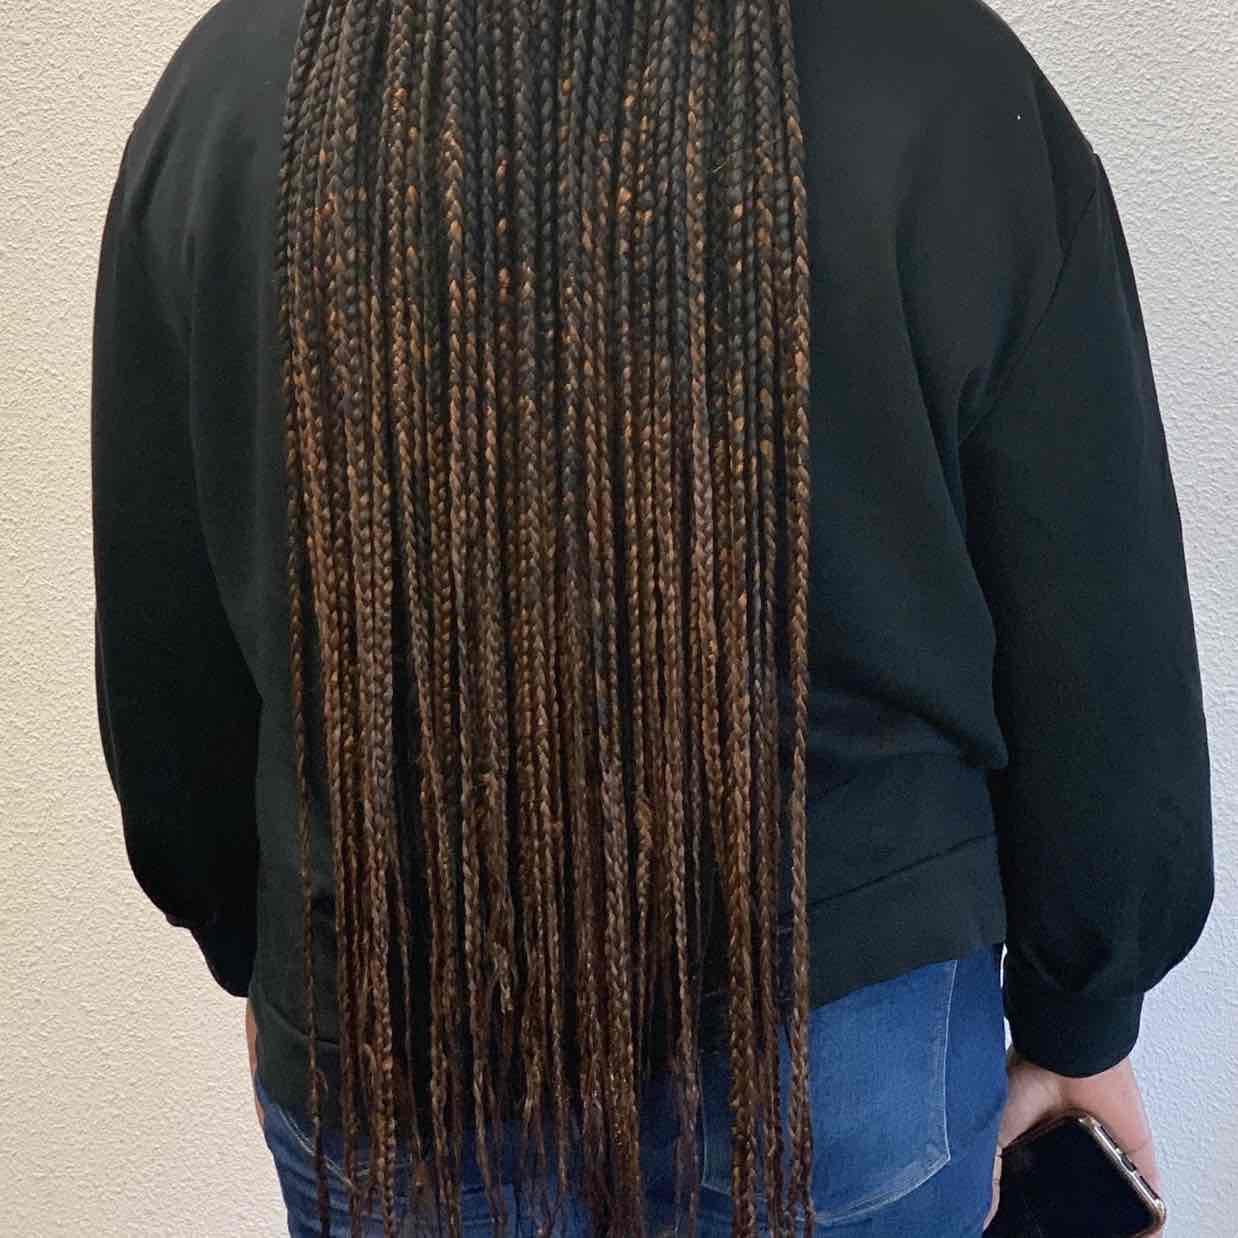 salon de coiffure afro tresse tresses box braids crochet braids vanilles tissages paris 75 77 78 91 92 93 94 95 NVFVAPQV